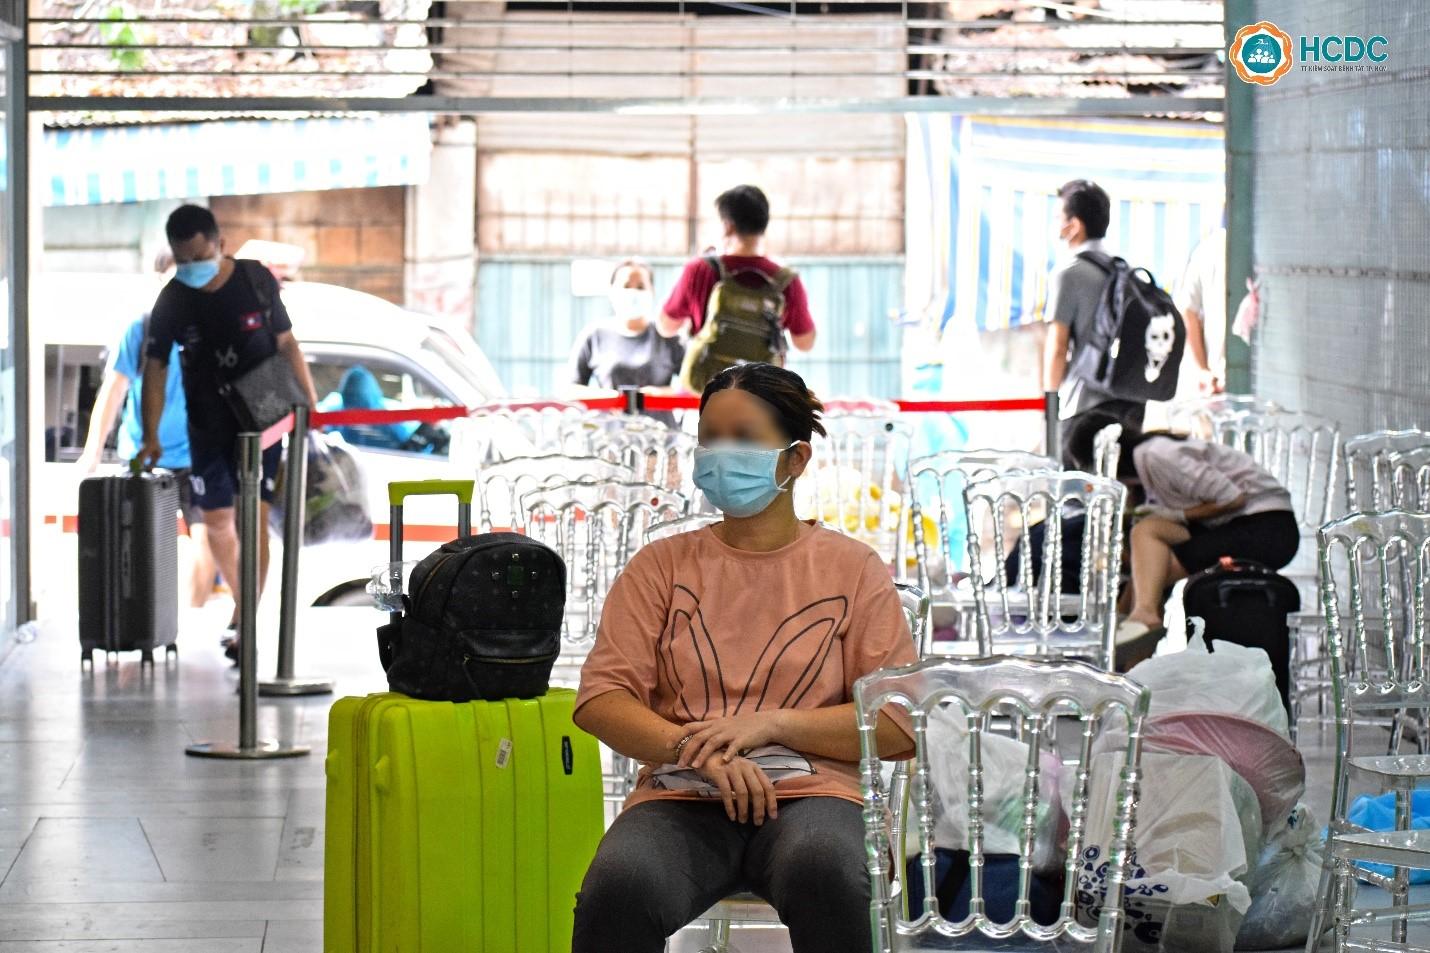 Các bệnh nhân xếp hàng chờ tiếp nhận điều trị tại Bệnh viện dã chiến số 5 sau thời gian cách ly tạm tại địa phương. Ảnh: HCDC